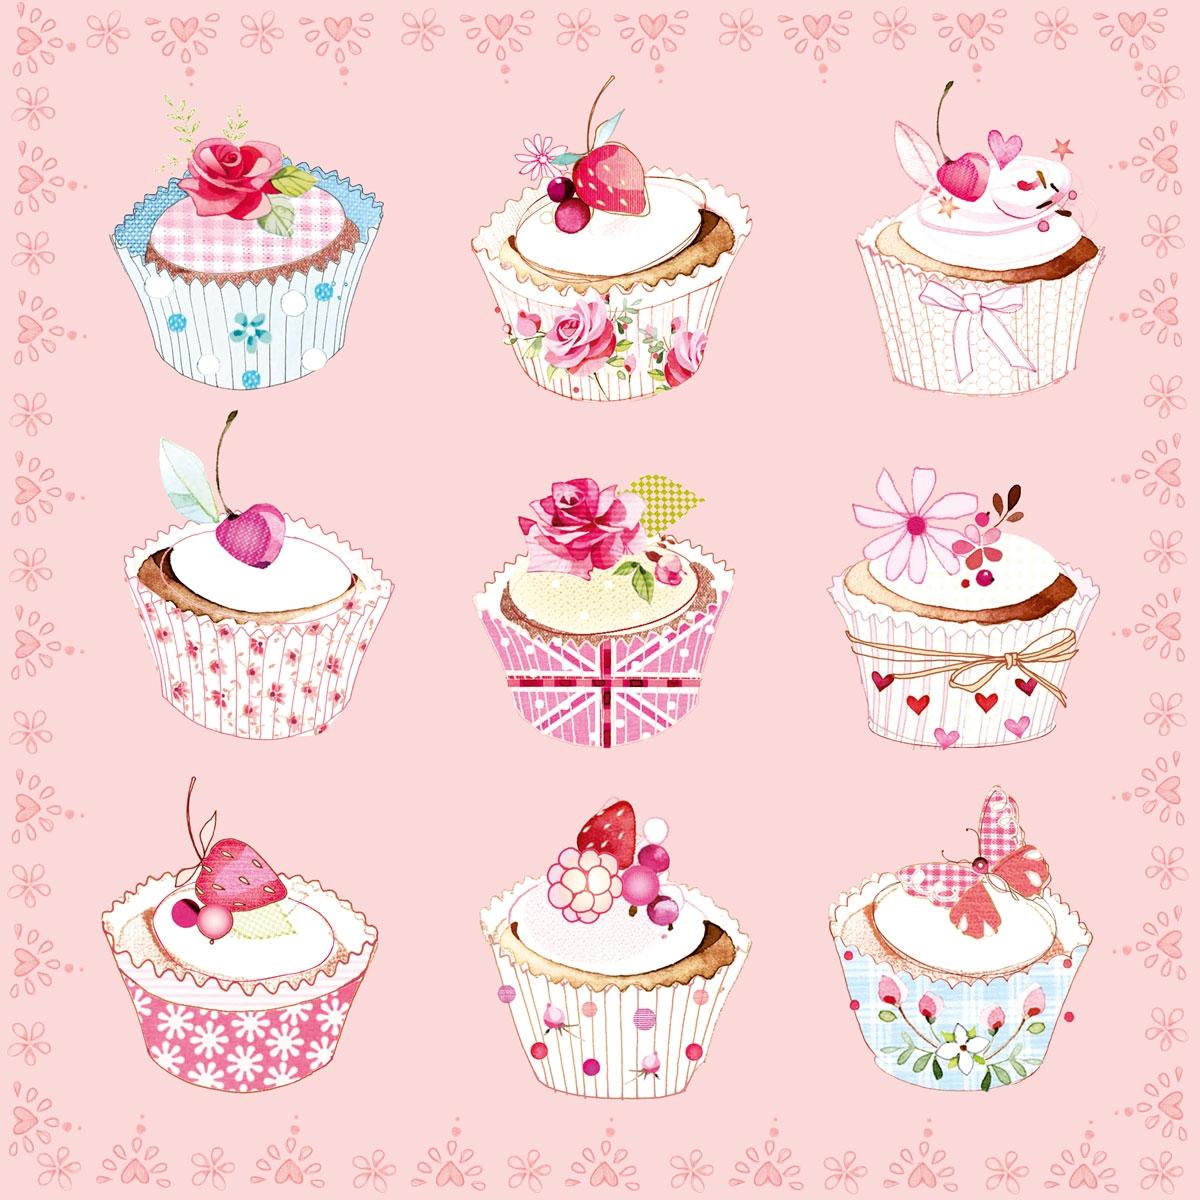 Servietten / Kuchen - Keks,  Essen - Kuchen / Keks,  Essen - Süßigkeiten,  Blumen -  Sonstige,  Everyday,  cocktail servietten,  Kirschen,  Rosen,  Schmetterling